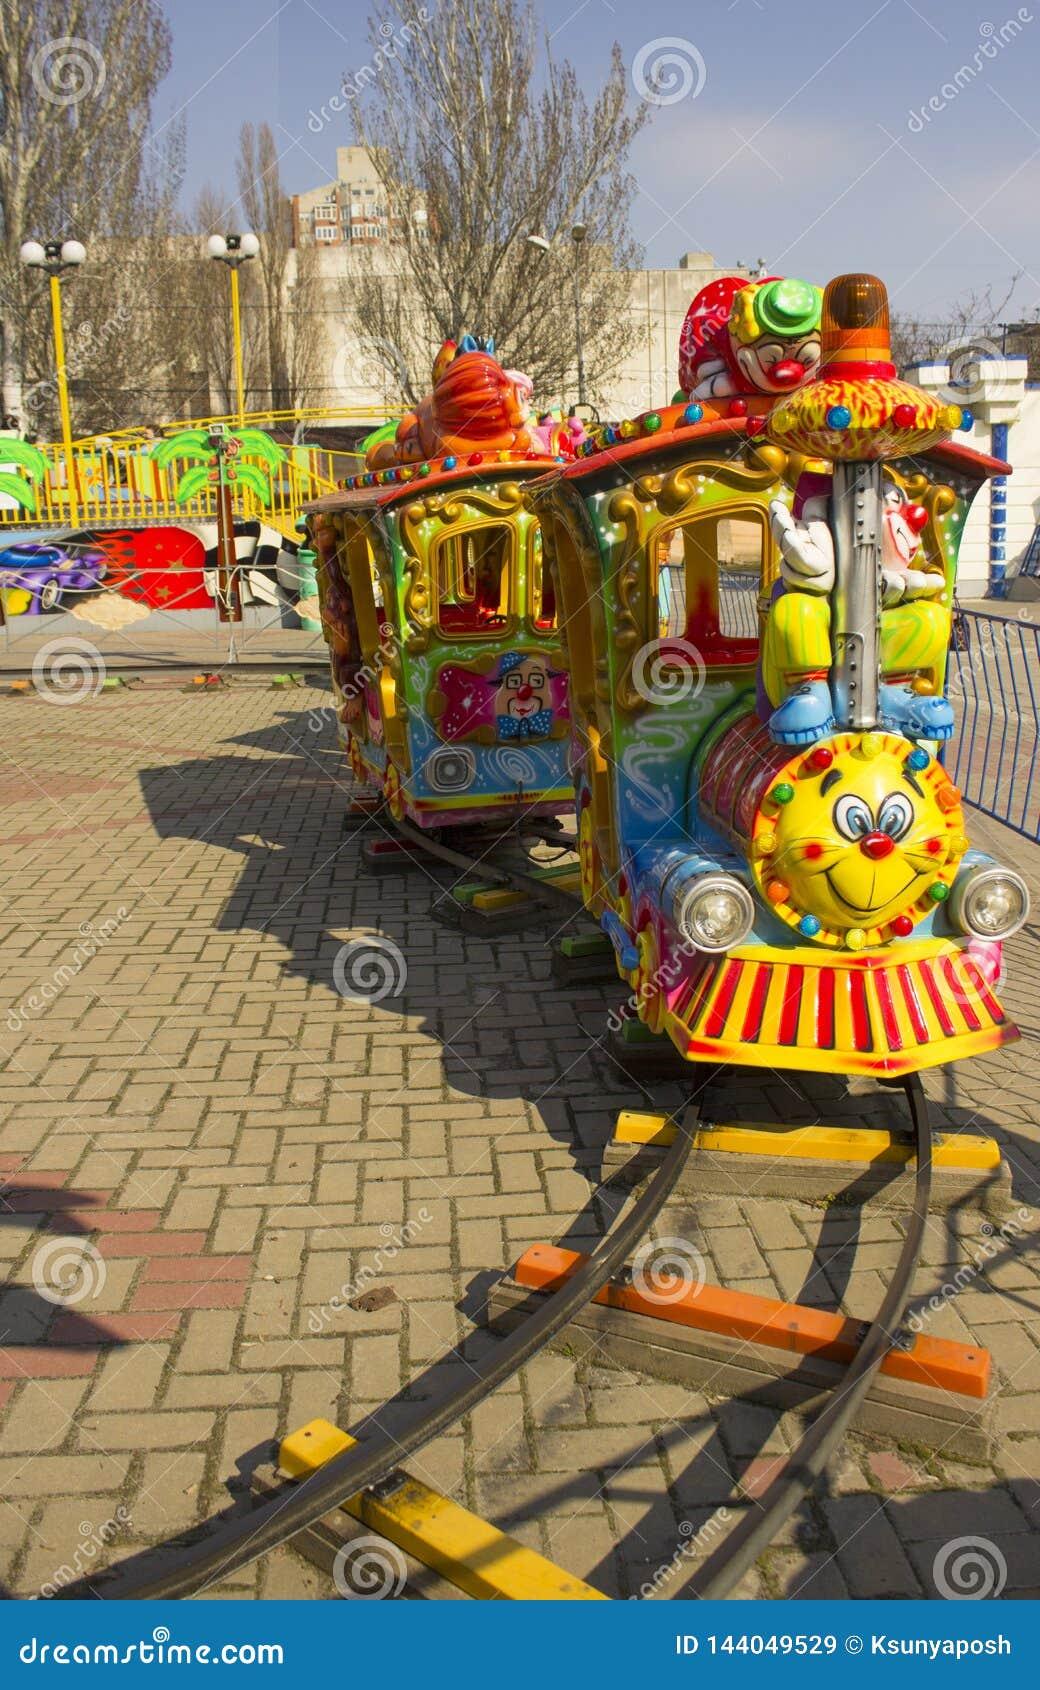 顿河畔罗斯托夫,俄罗斯联邦,2019年3月30日 娱乐ferris晚上公园向量轮子 有一张面孔的明亮的机车在机车